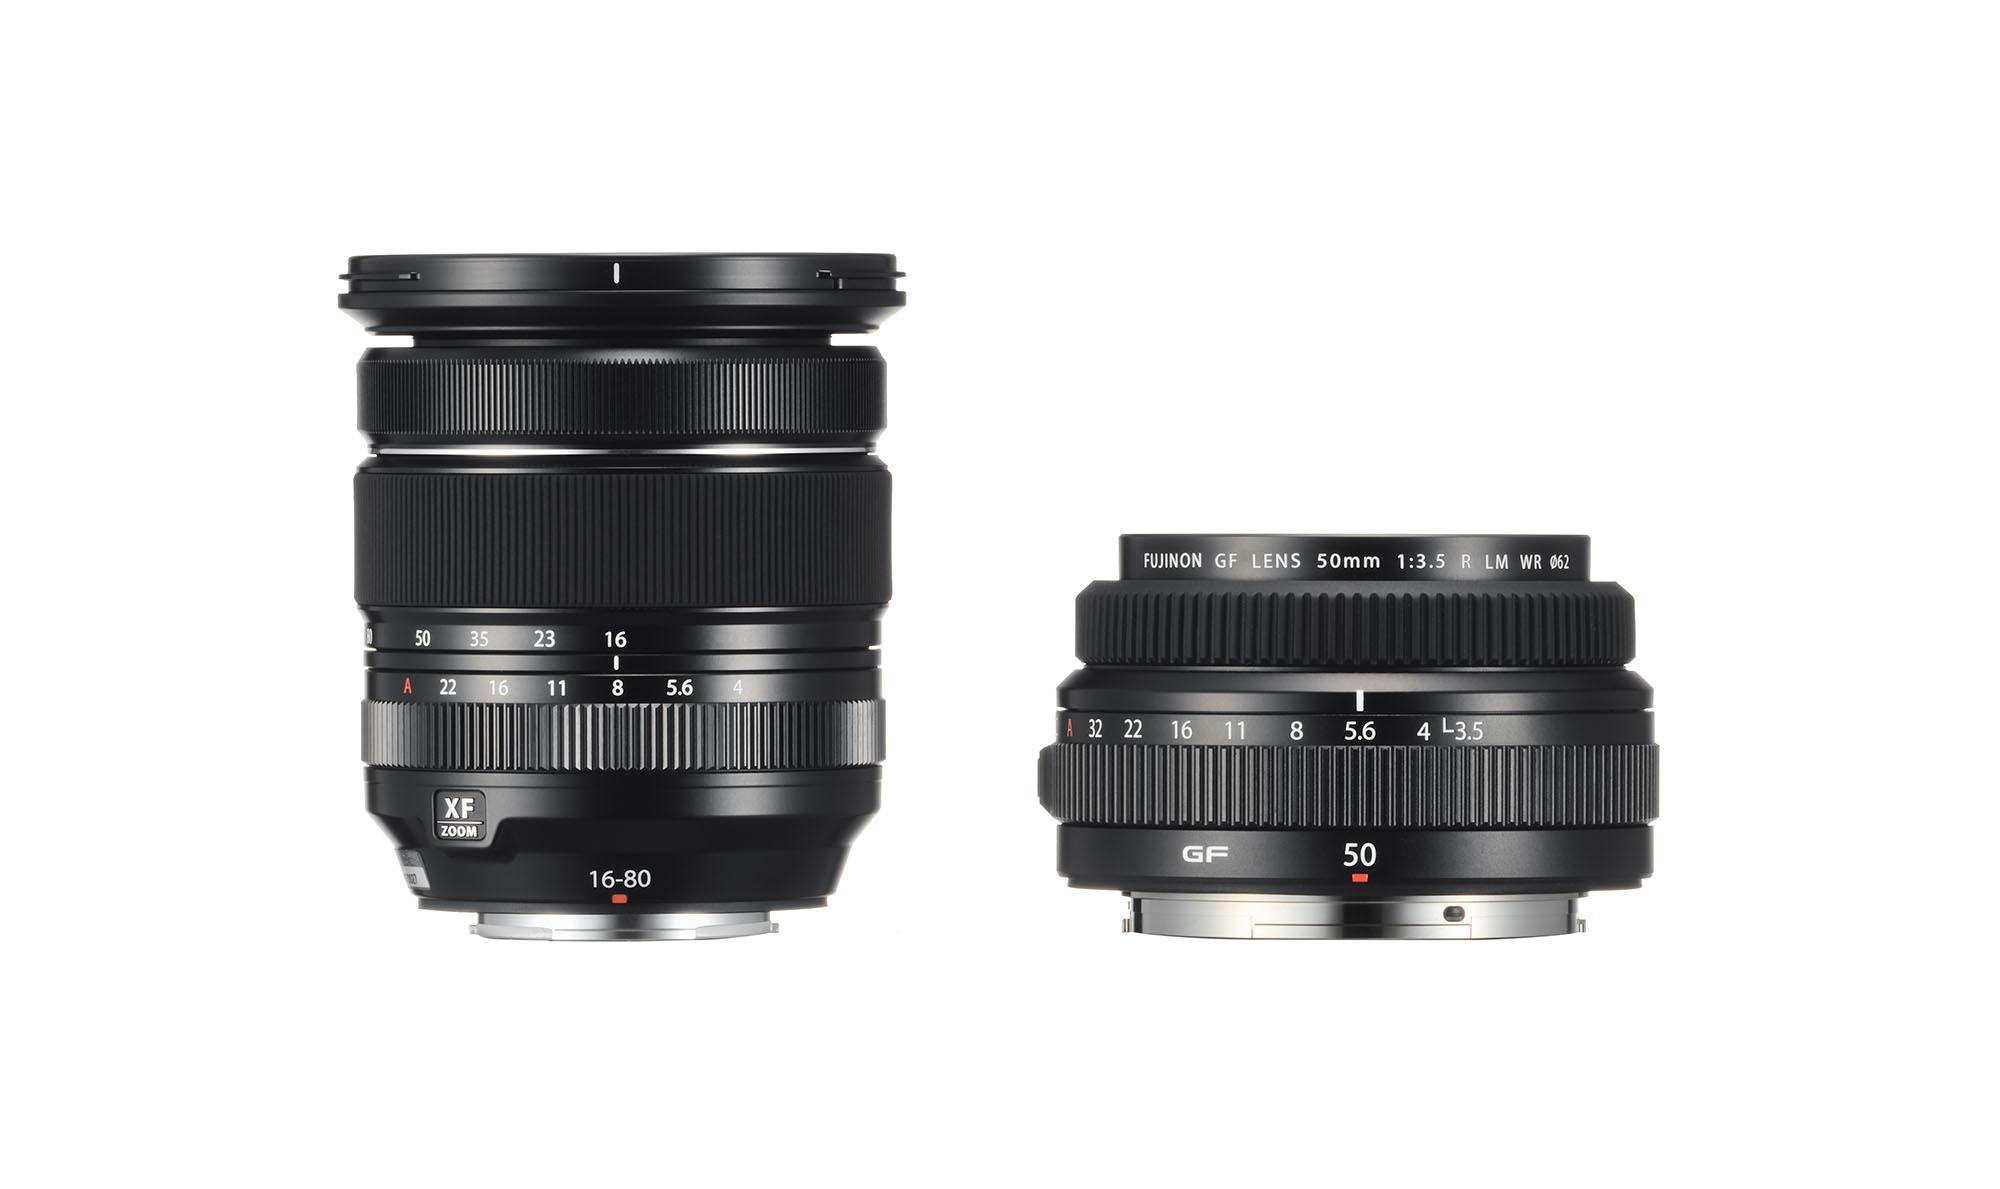 Fujifilm dévoile des objectifs 16-80 mm f/4 et 50 mm f/3,5 pour systèmes X et GFX